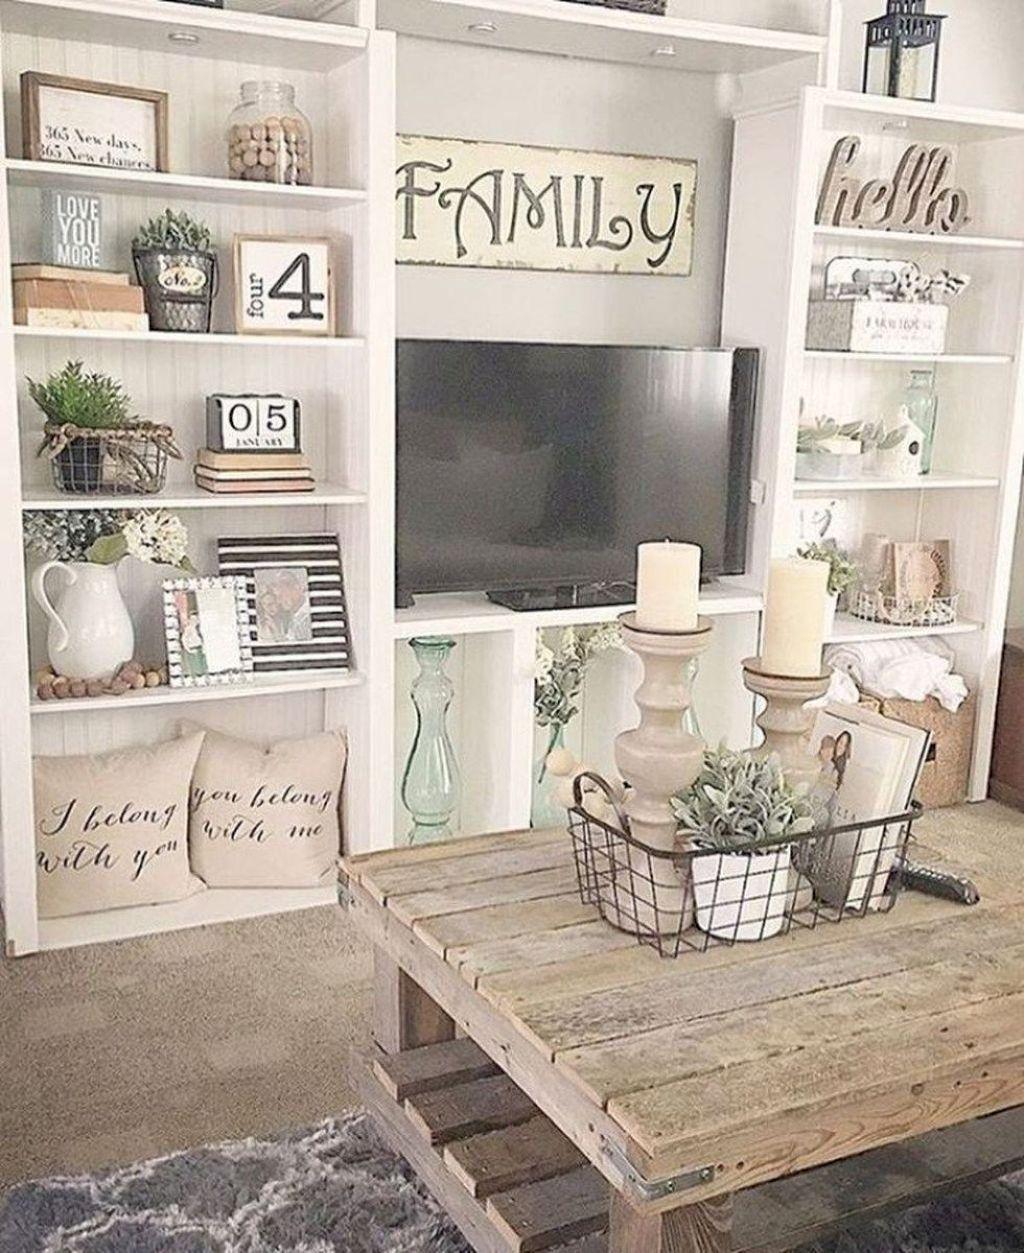 85 Cozy Modern Farmhouse Living Room Decor Ideas: 08 Cozy Modern Farmhouse Living Room Decor Ideas